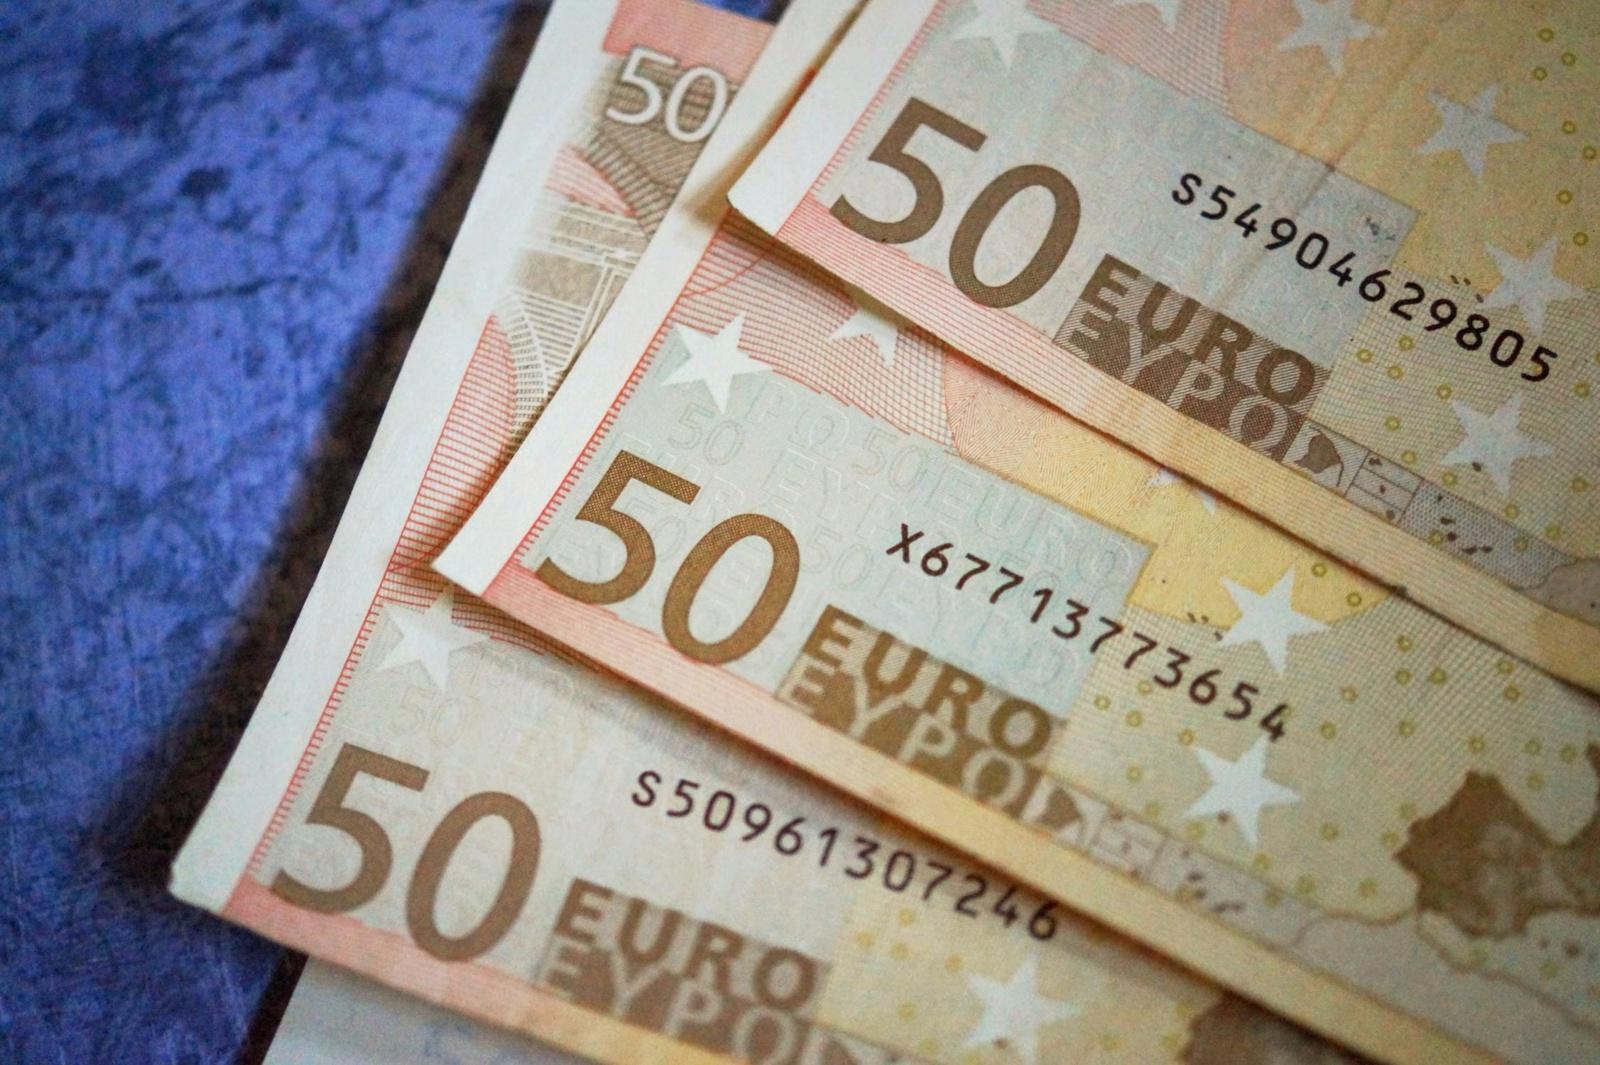 Vilniaus Belmonto žirgynas bus parduodamas aukcione